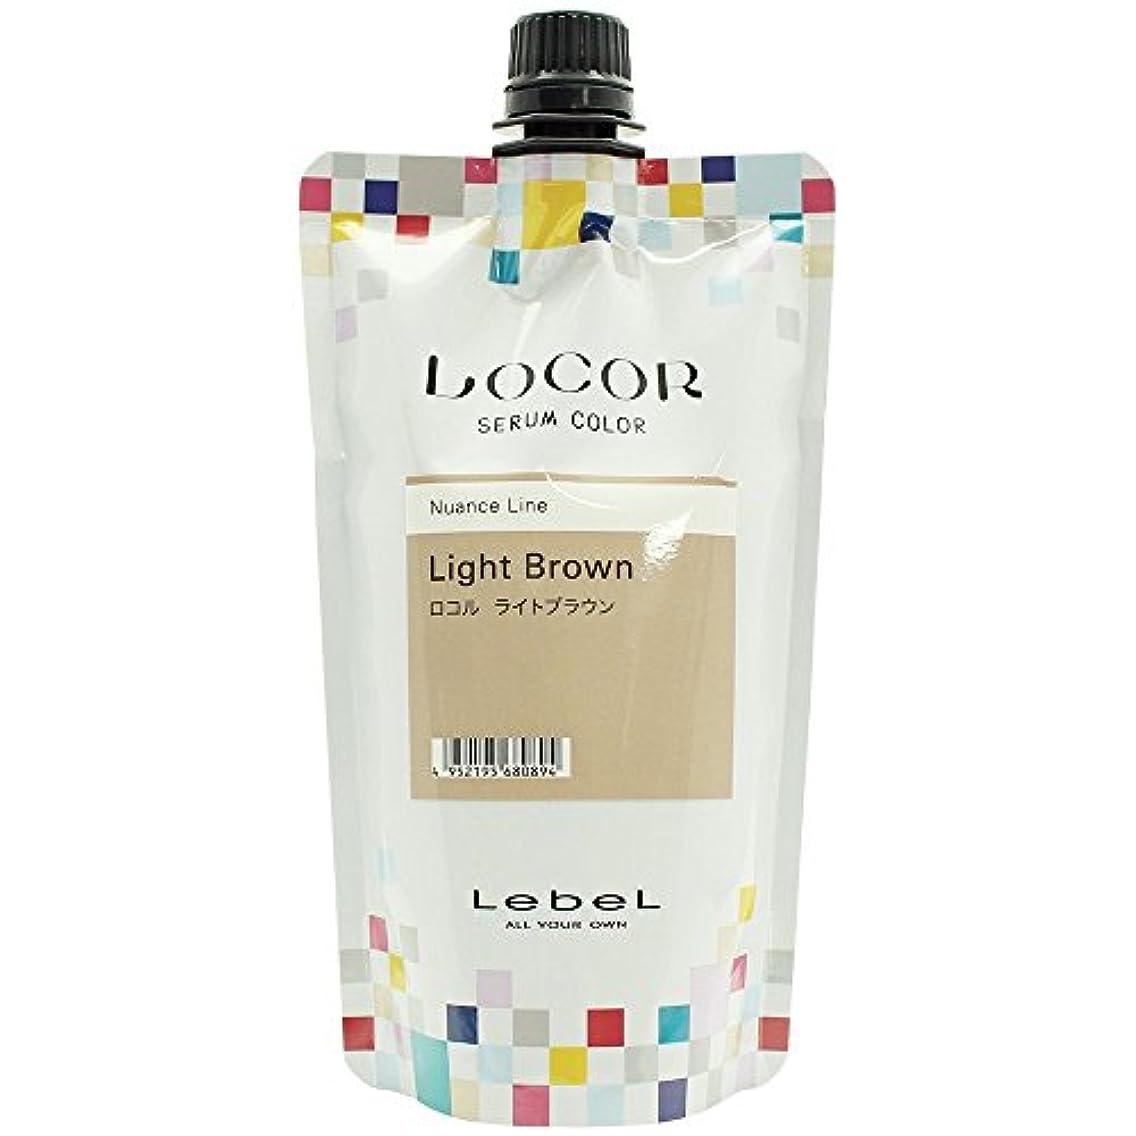 ルベル ロコル セラムカラー ライトブラウン L-B 300g